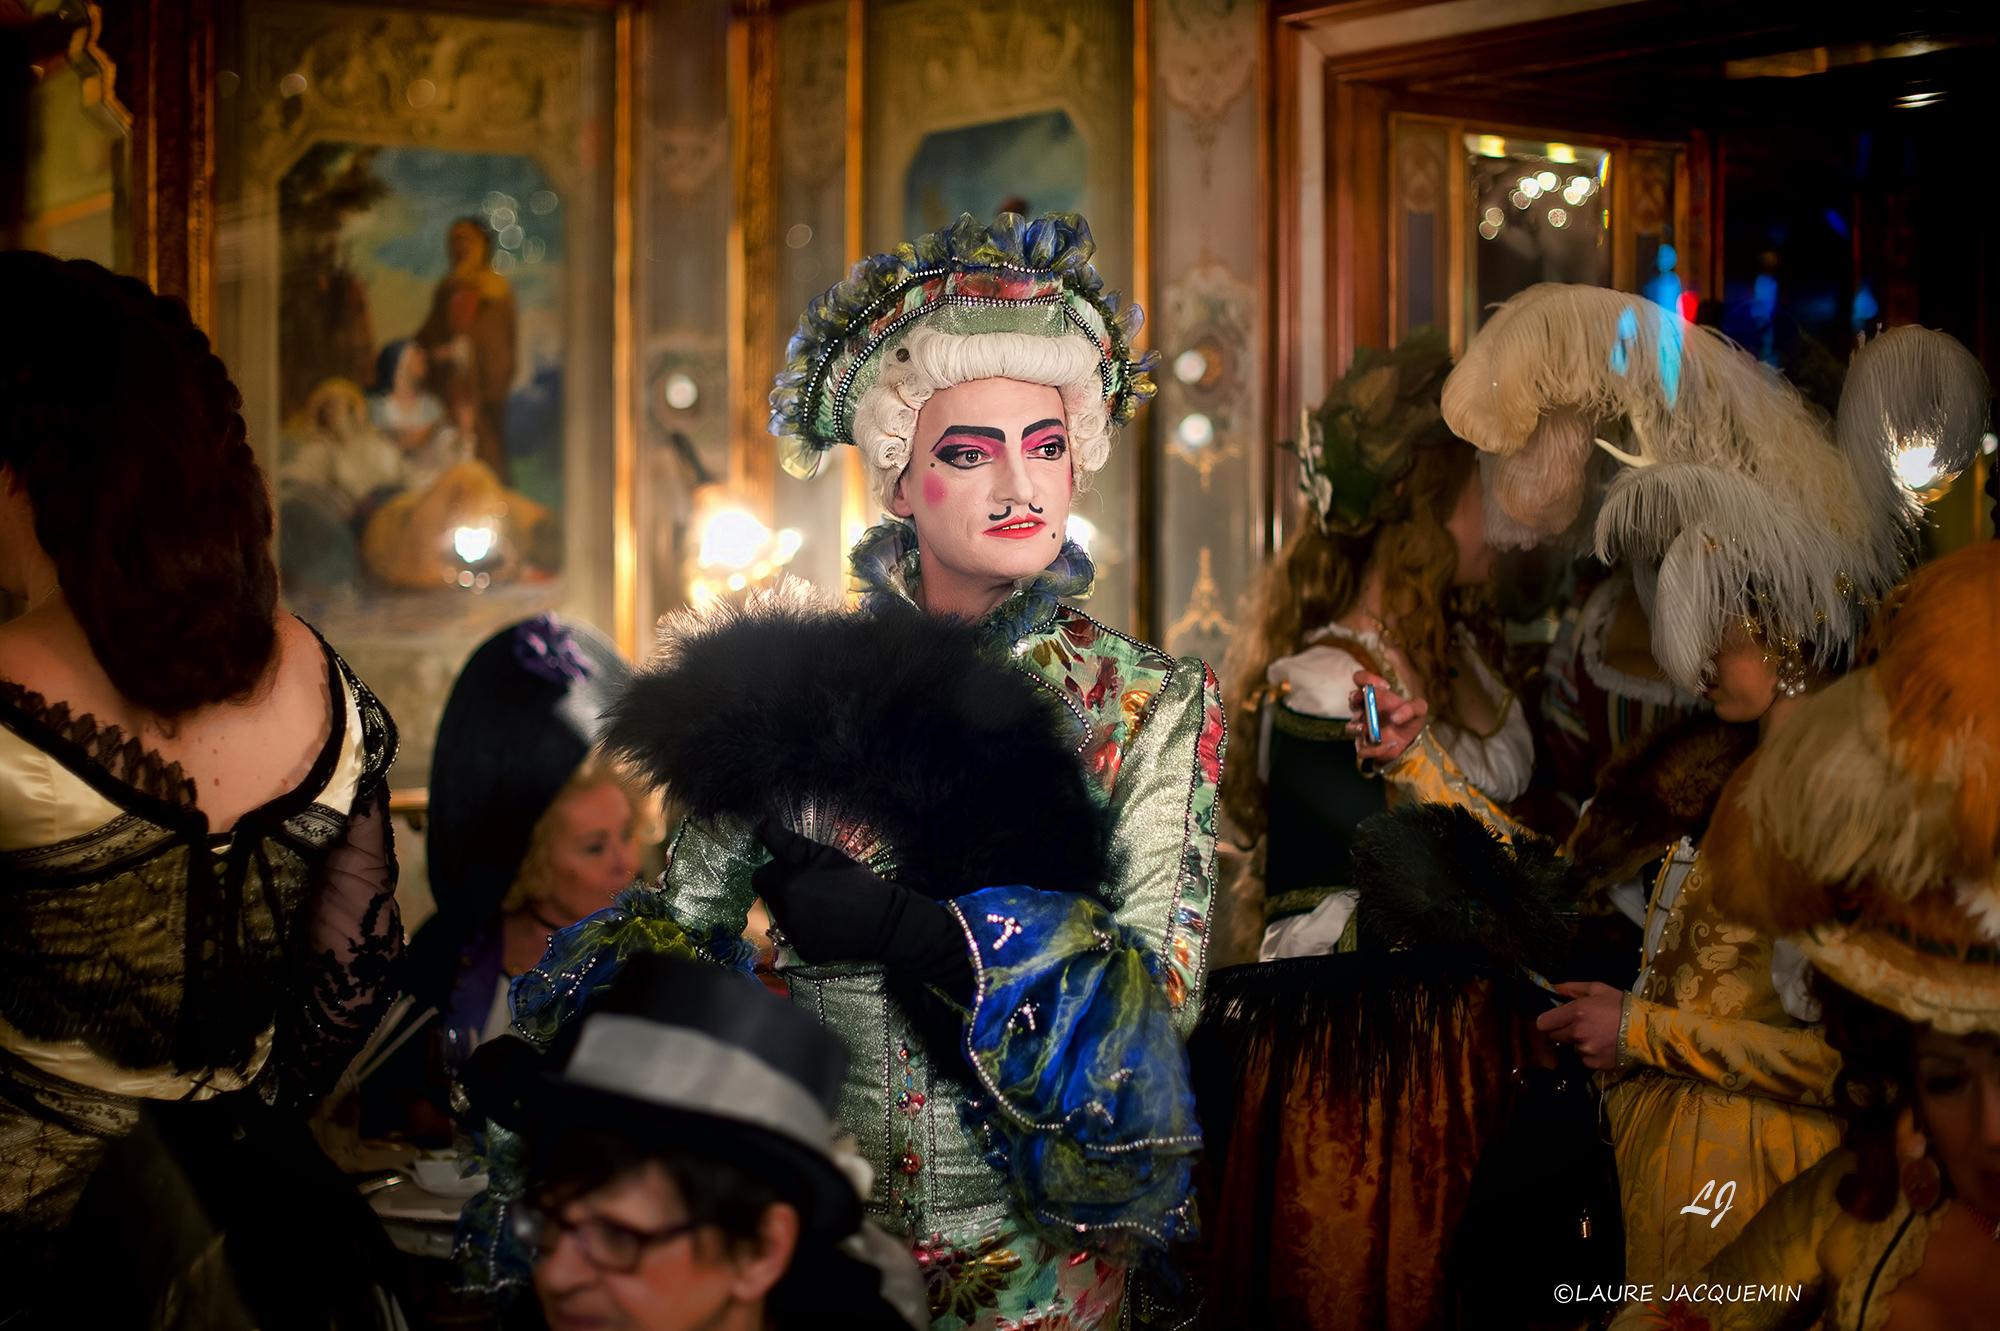 Meilleur photos Carnaval de Venise 2018 laure jacquemin (50)